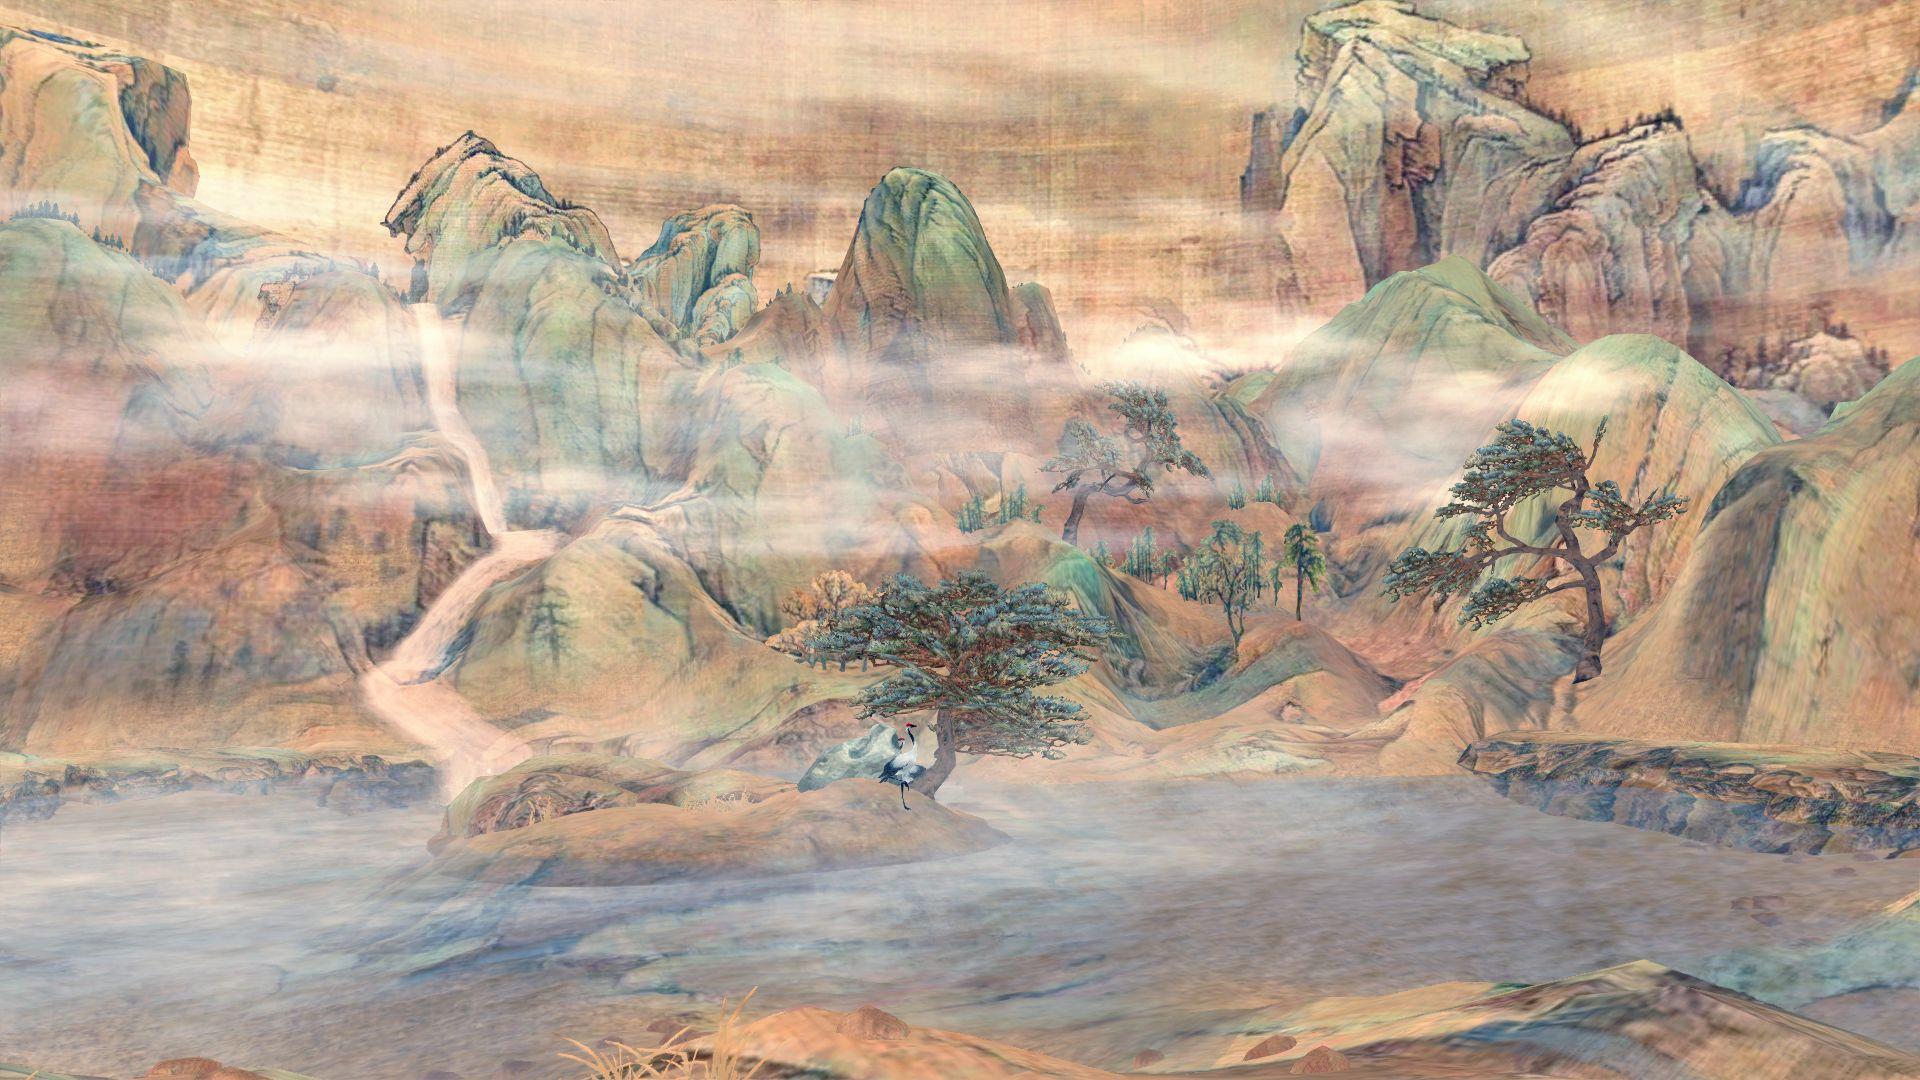 剑网三手绘 1920x1080